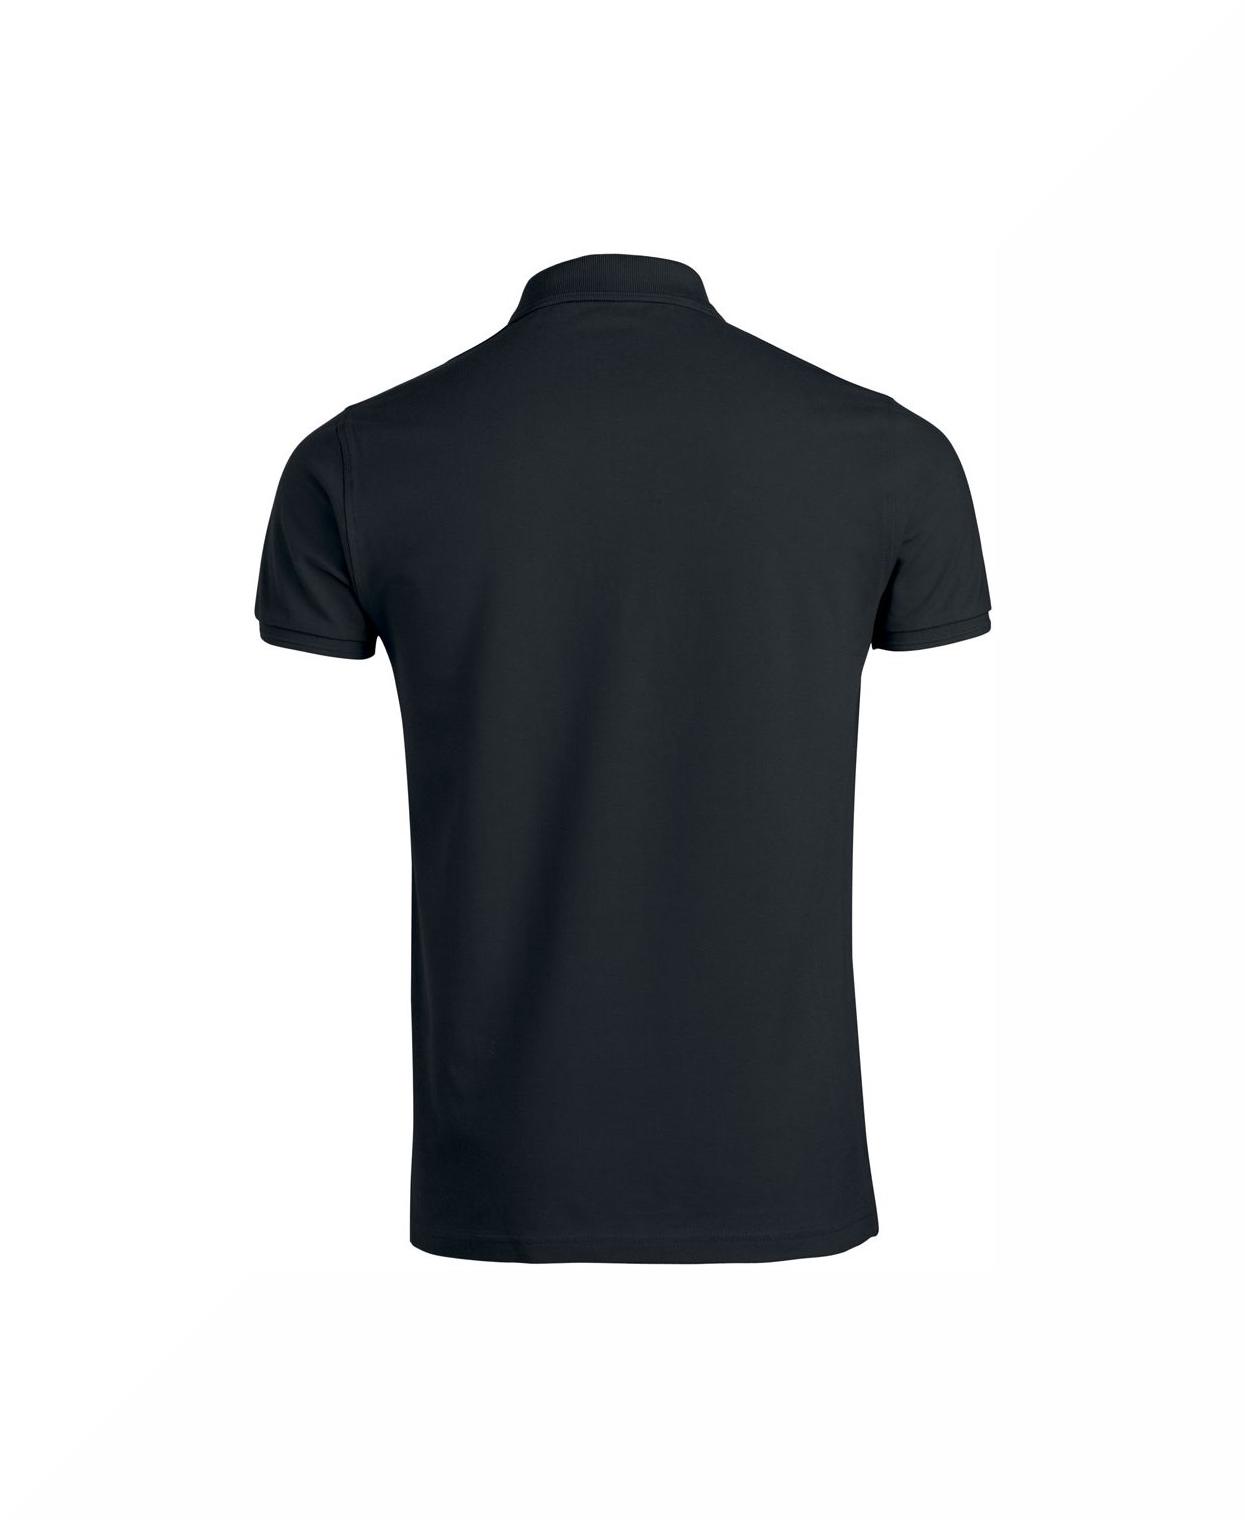 faire polo shirts aus bio baumwolle orgnic cotton men. Black Bedroom Furniture Sets. Home Design Ideas